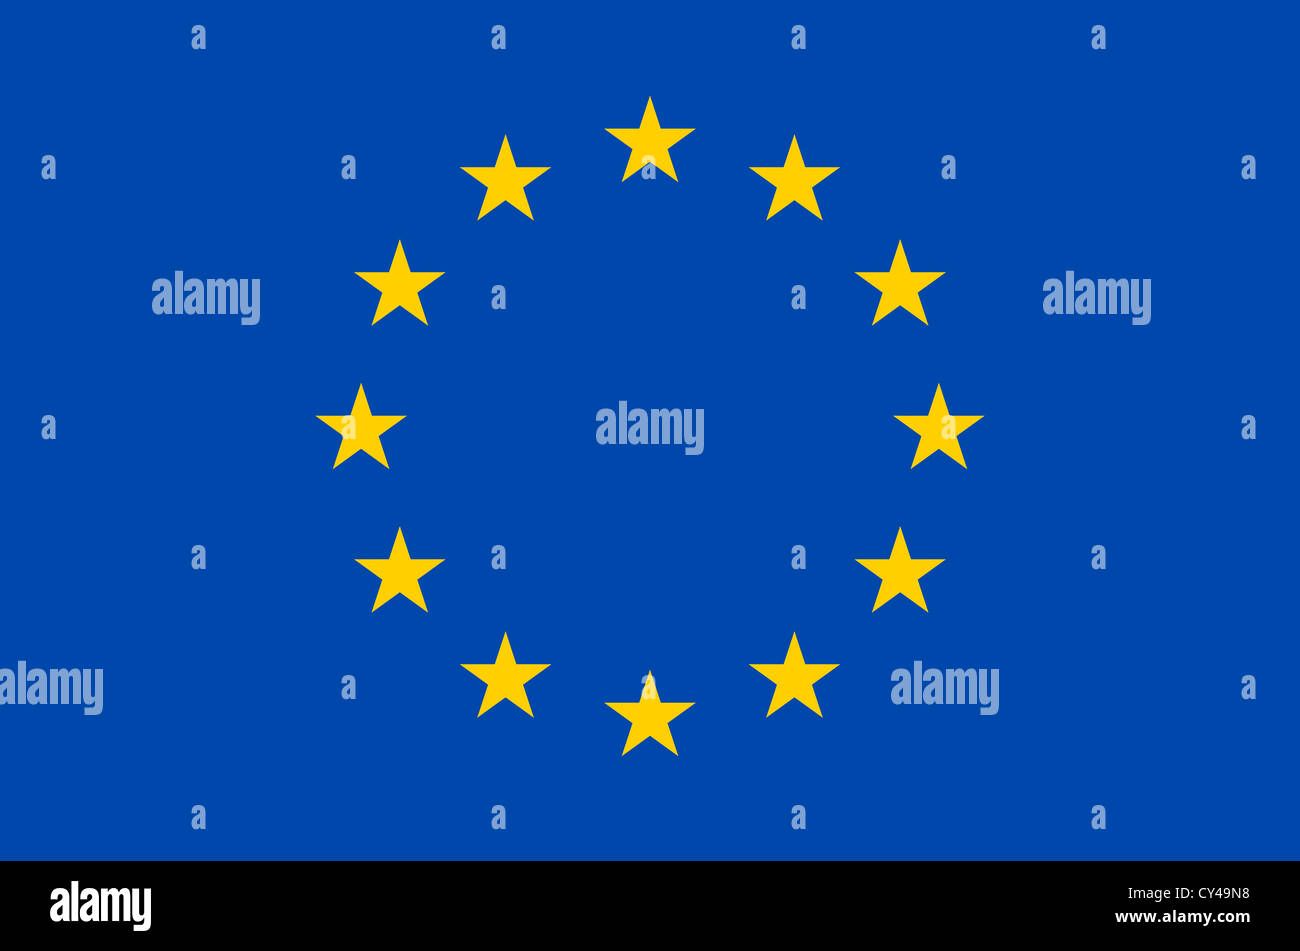 Flagge und Symbol der Europäischen Union. Stockbild